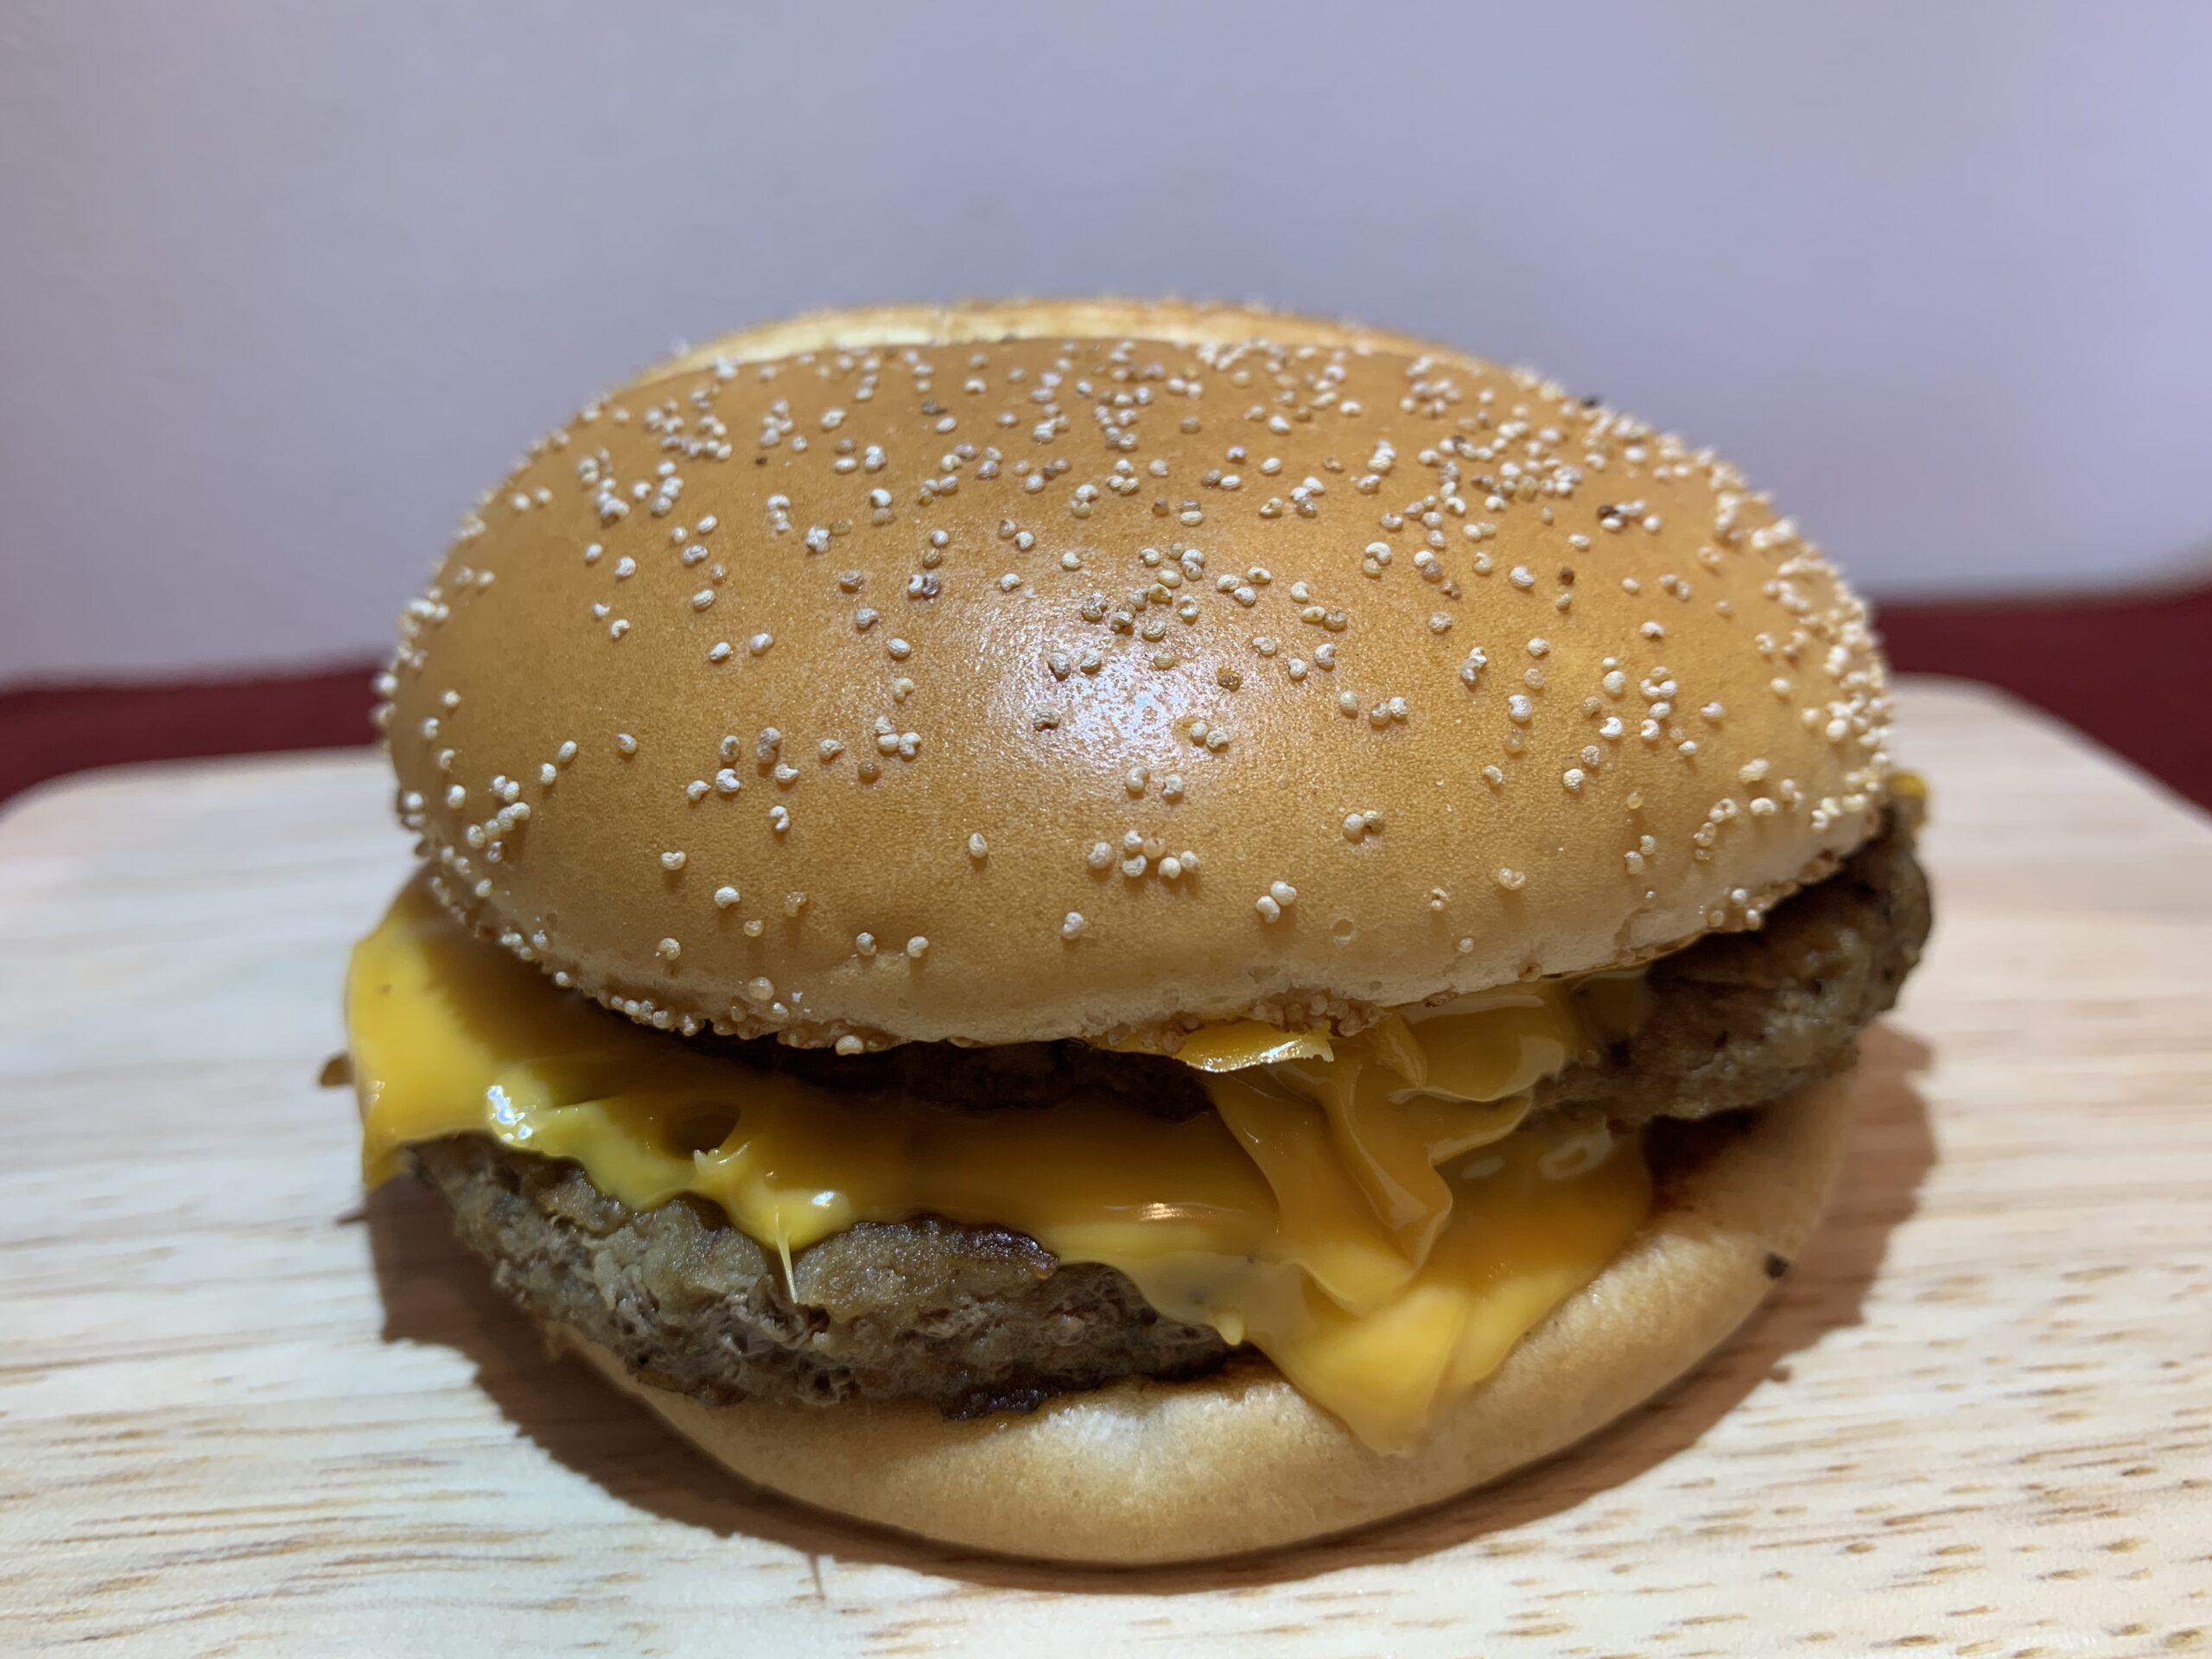 マックサムライバーガー:炙り醤油風ダブル肉厚ビーフのカロリーは?美味しかった実食レビュー